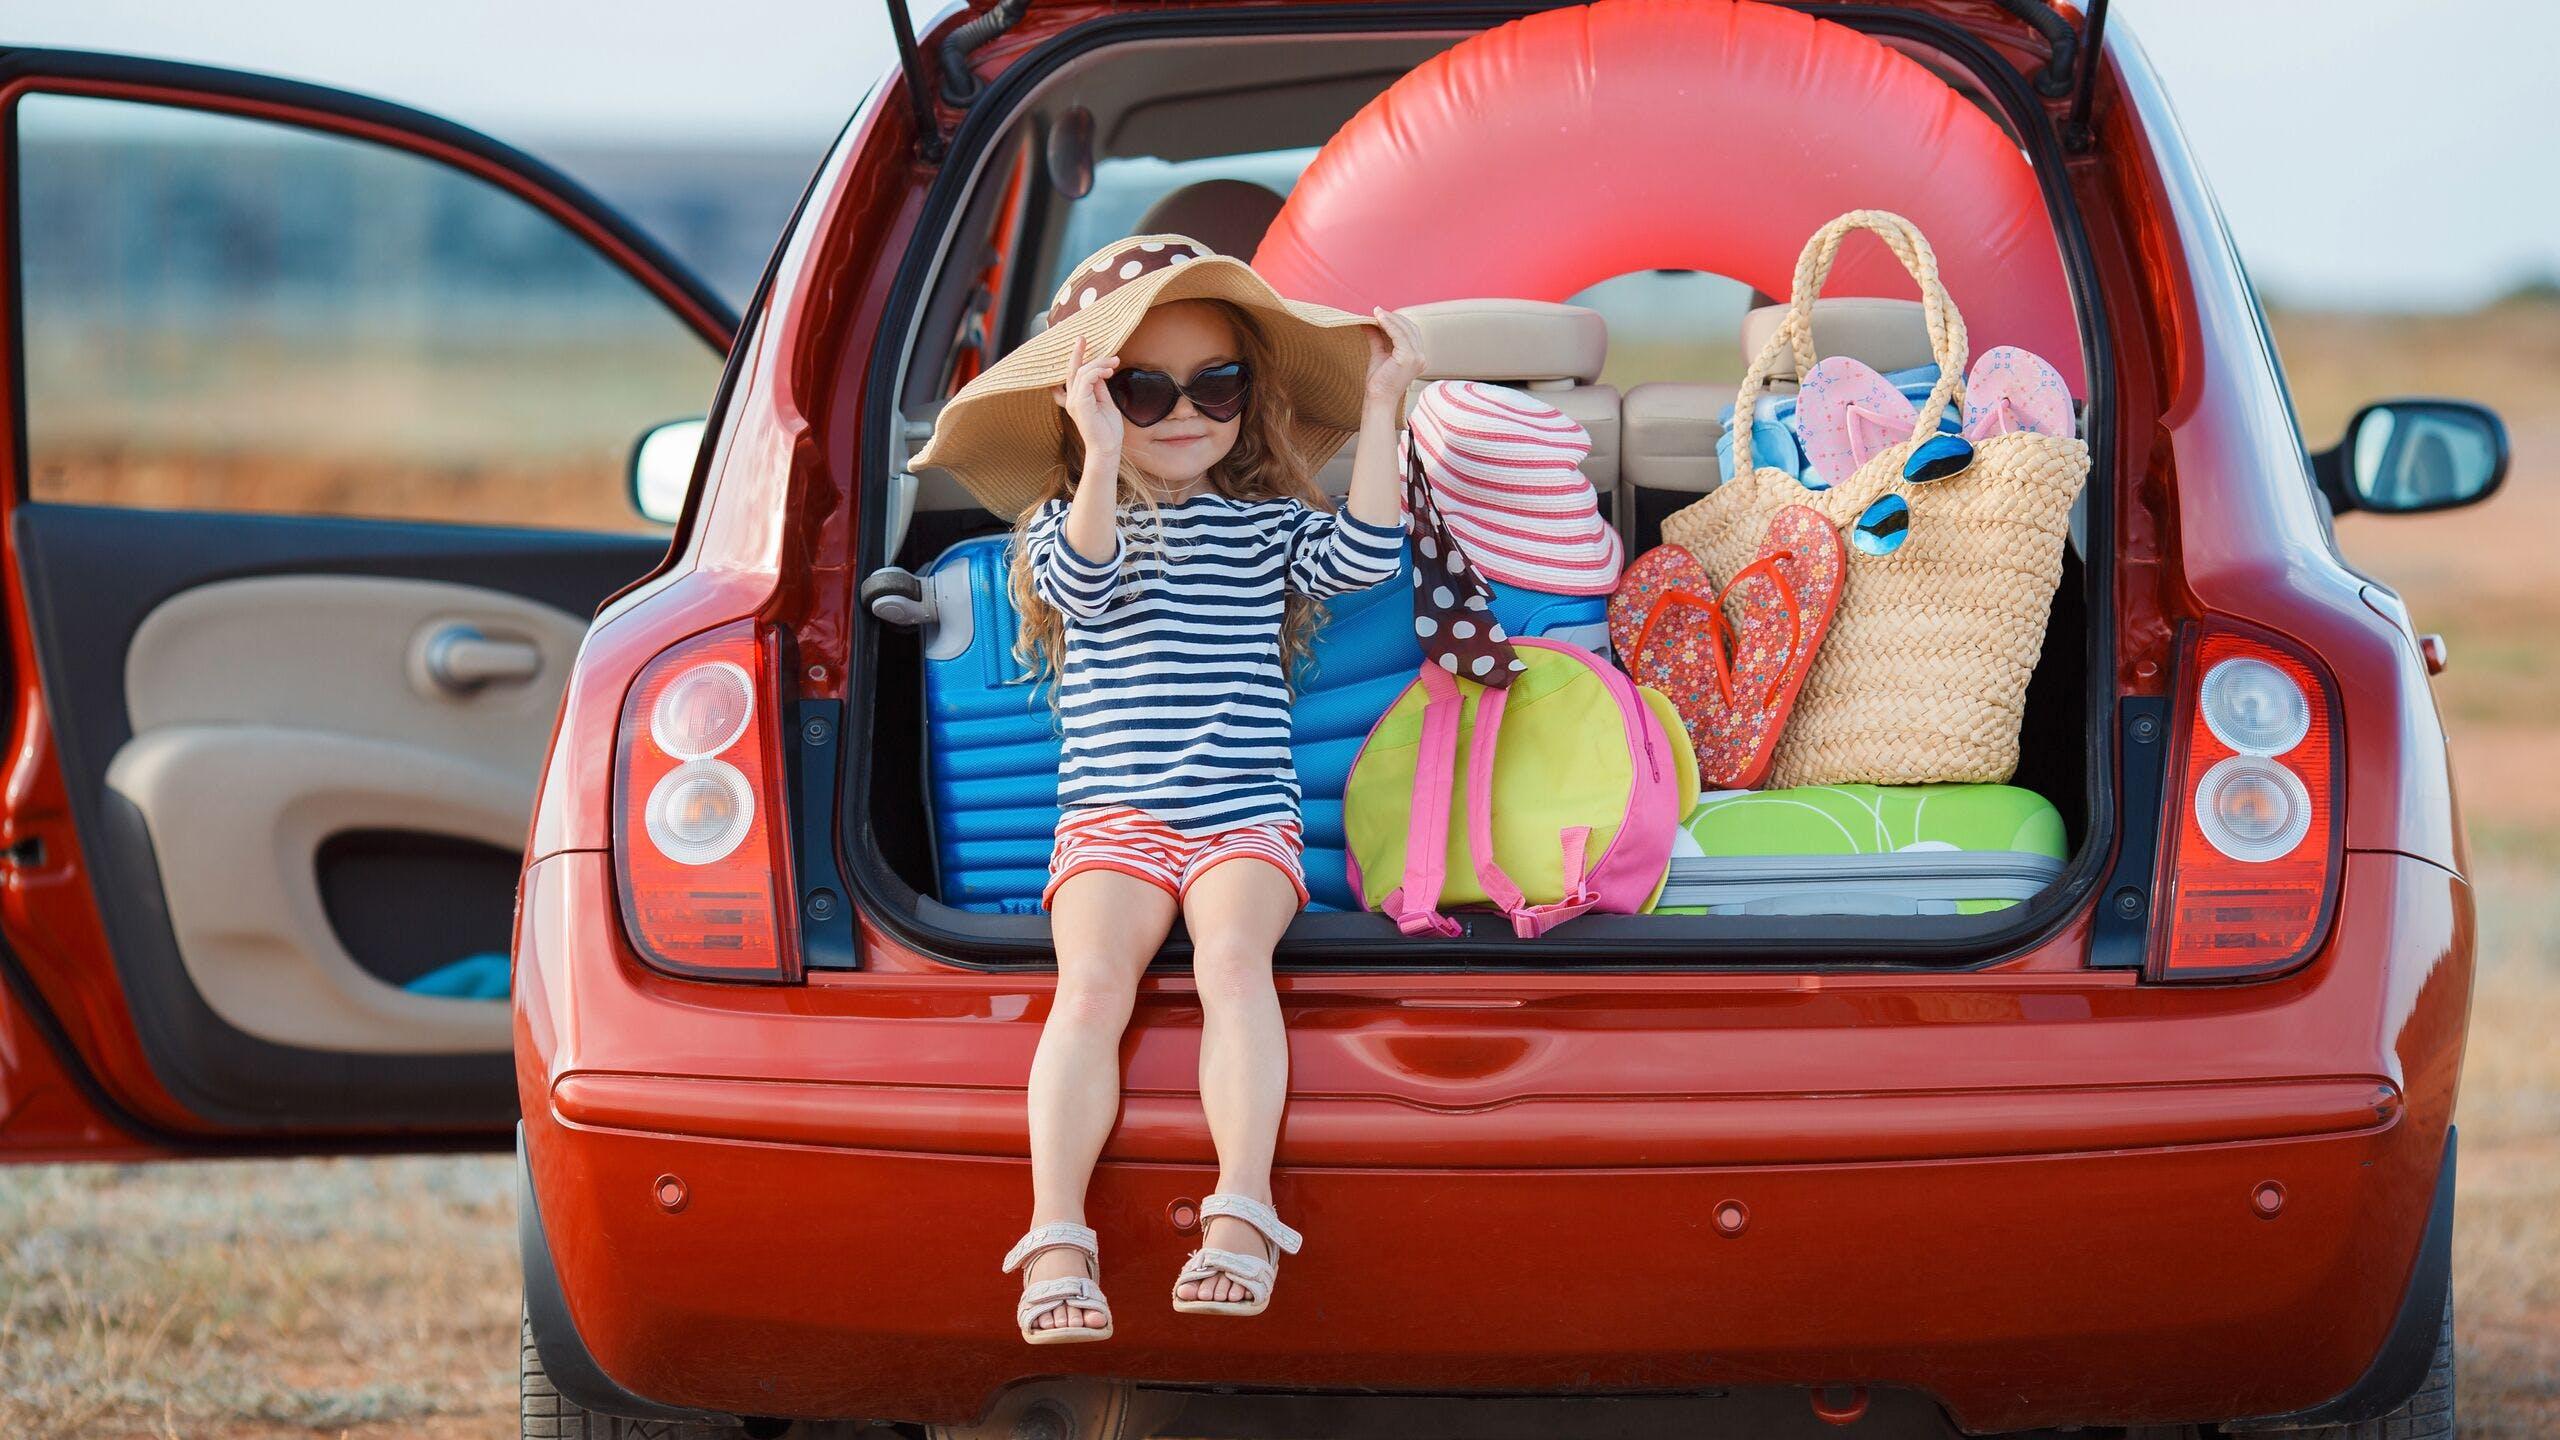 AXA Luxembourg - autorisations exceptionnelles pour enlever le siège auto